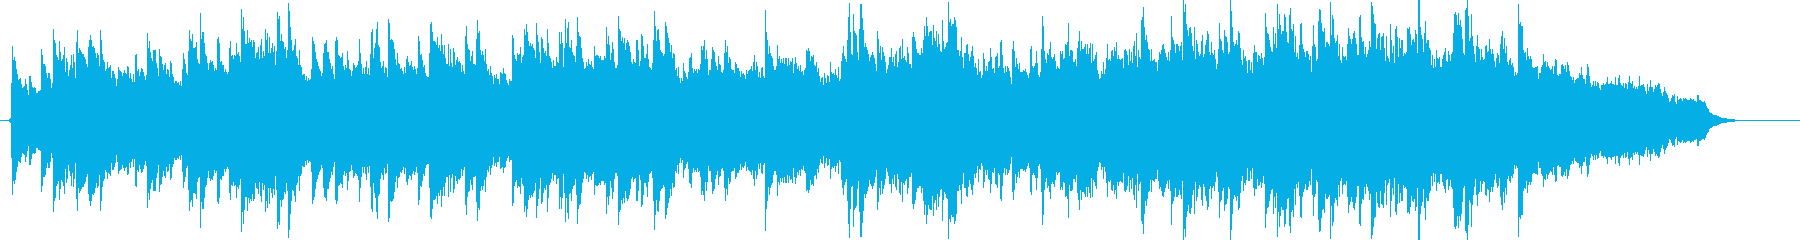 CM/ピアノ/優しい/感動/家族/A♭2の再生済みの波形